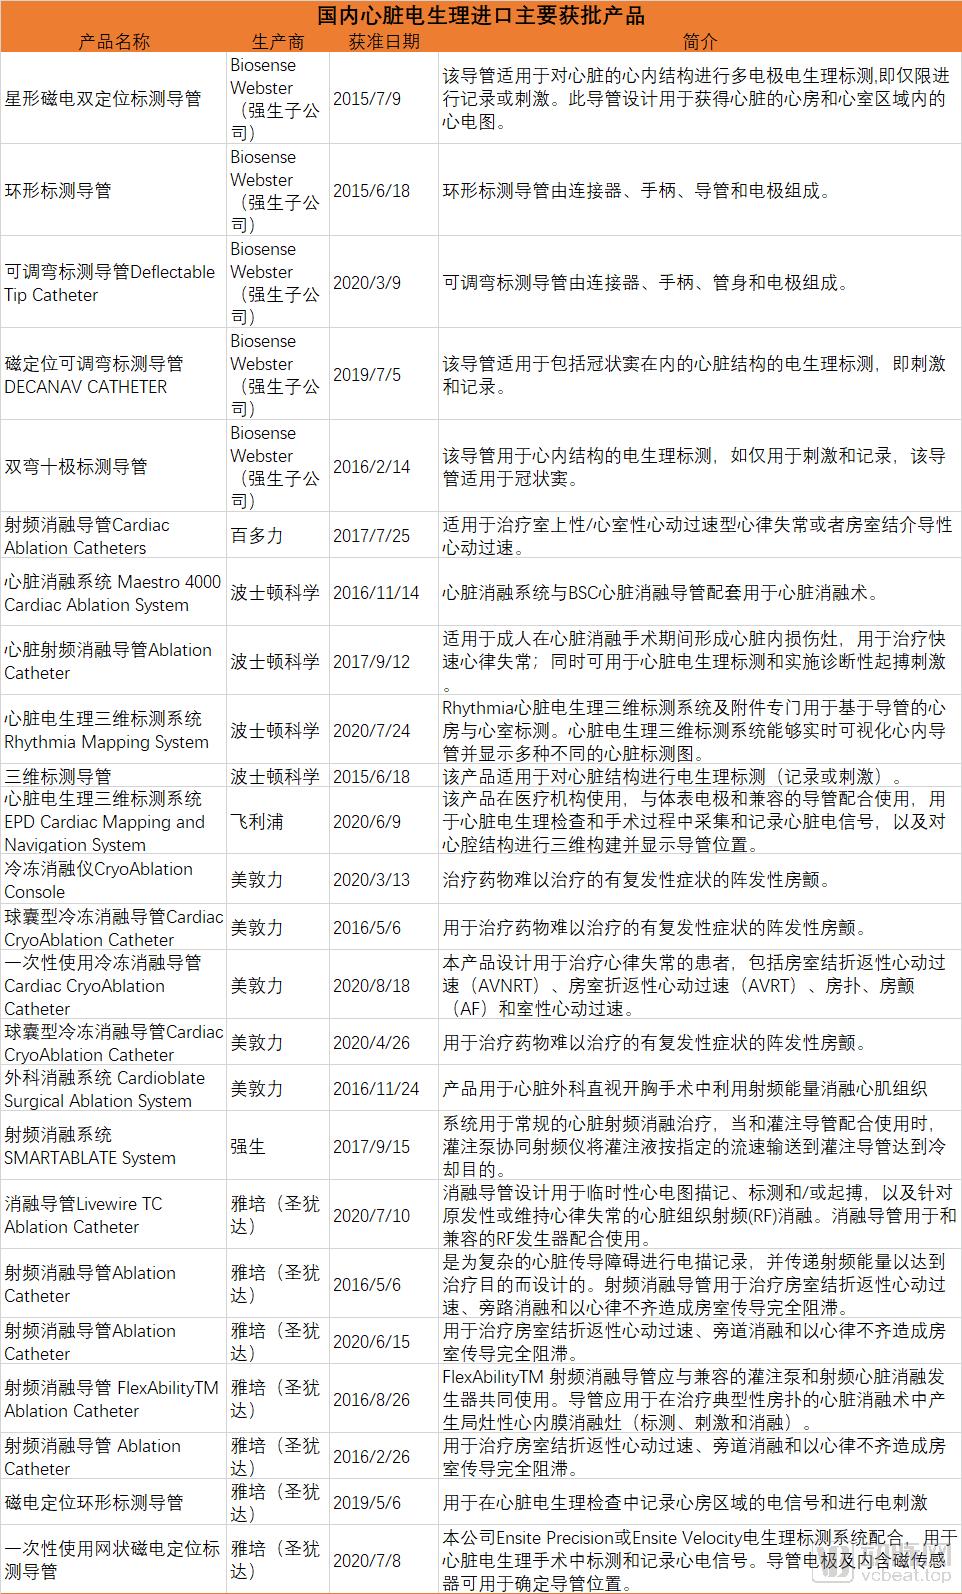 进口产品列表.png